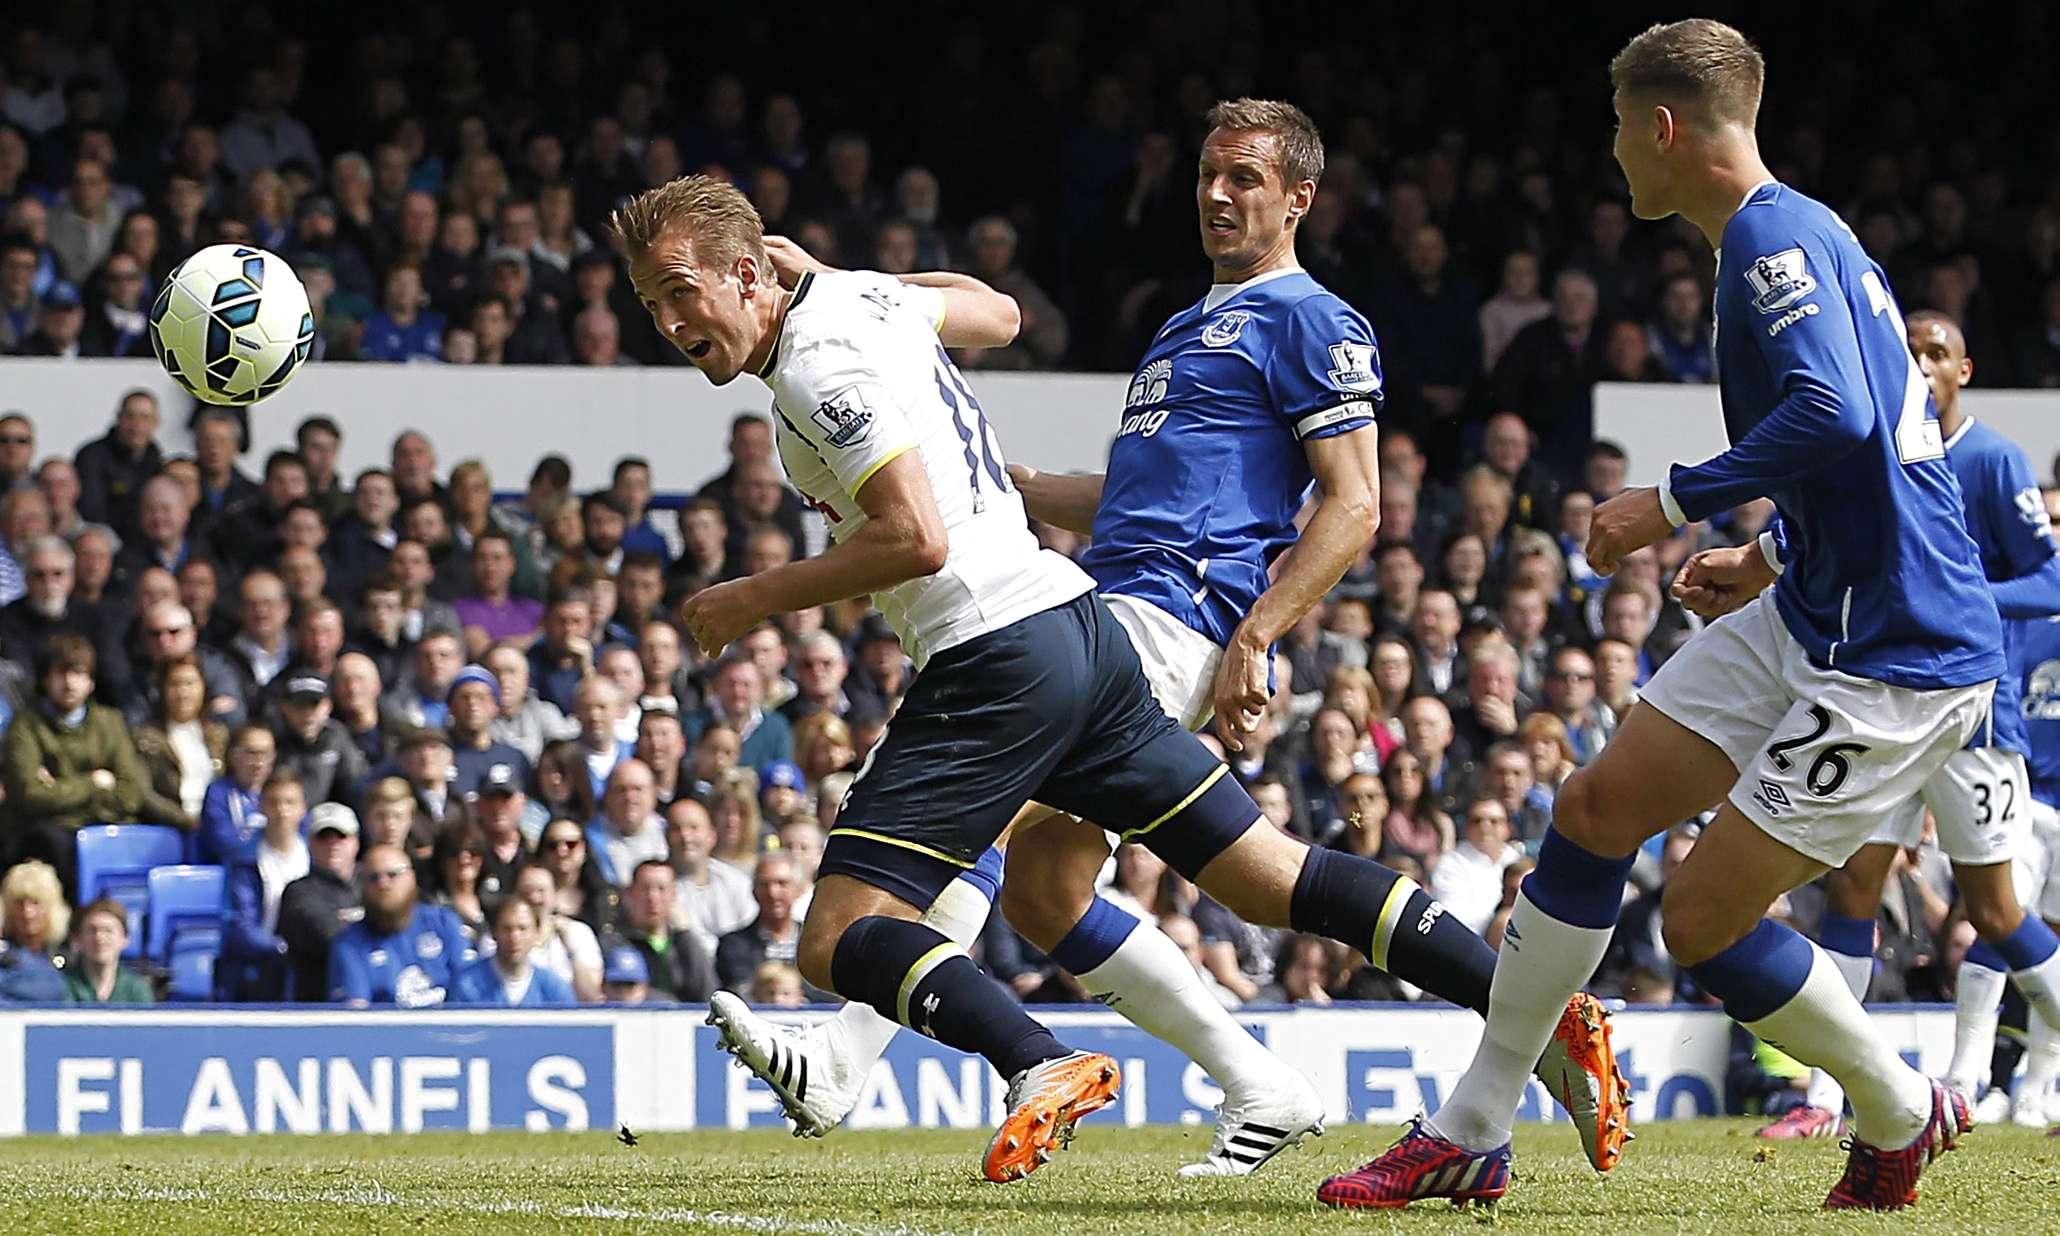 Everton vs Tottenham ngày 9/9/2017 giải Ngoại Hạng Anh